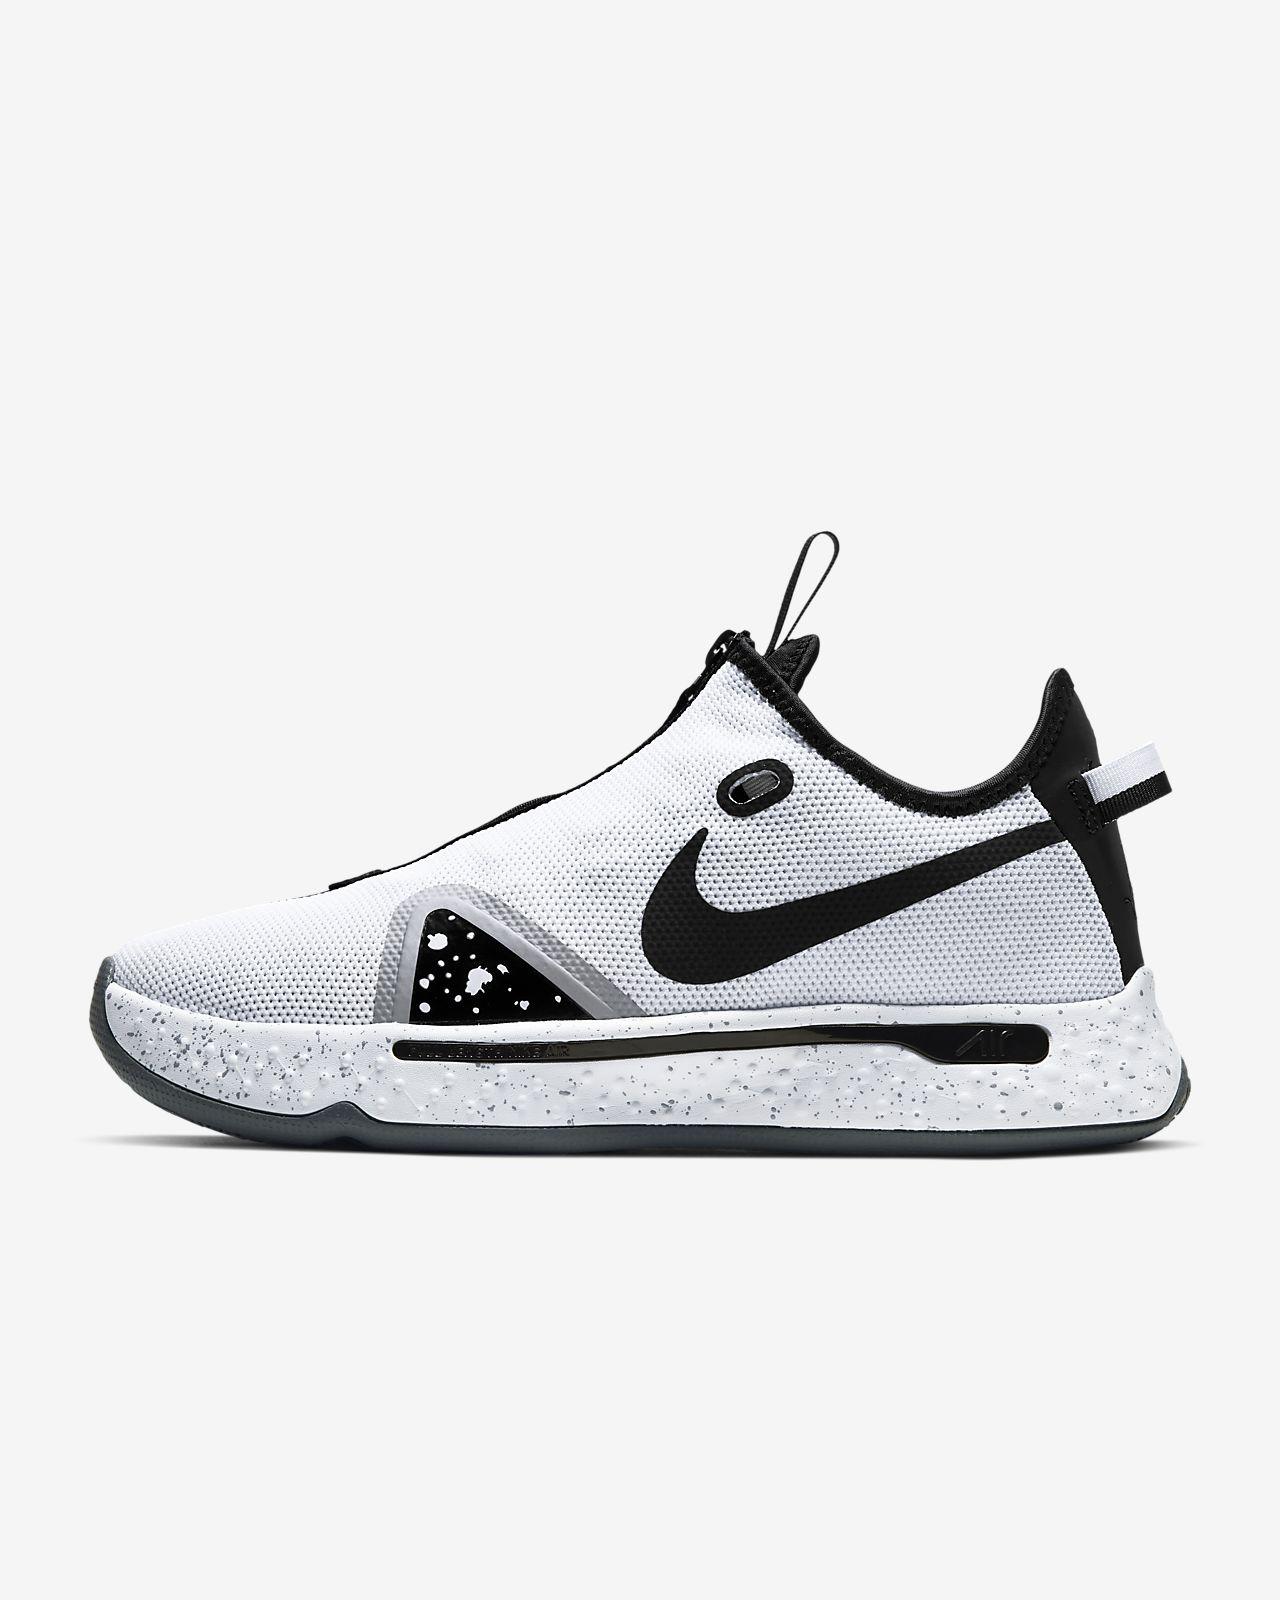 Παπούτσι μπάσκετ PG 4